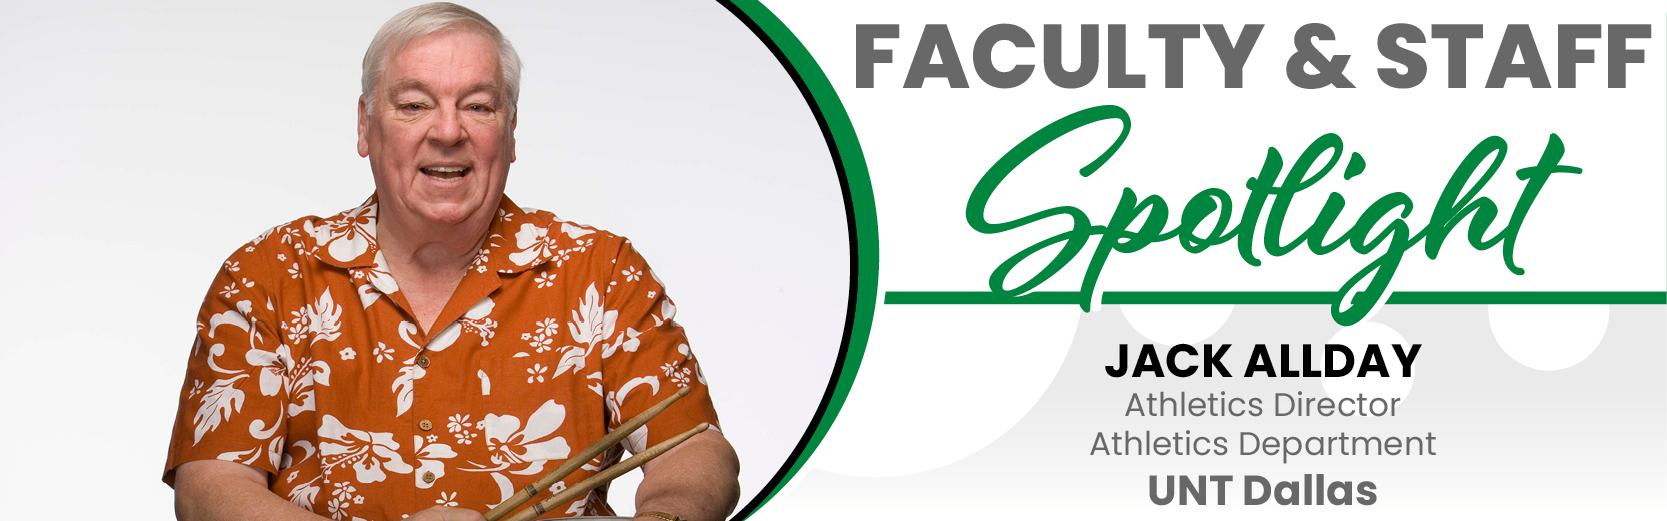 Faculty & Staff Spotlight: Jack Allday